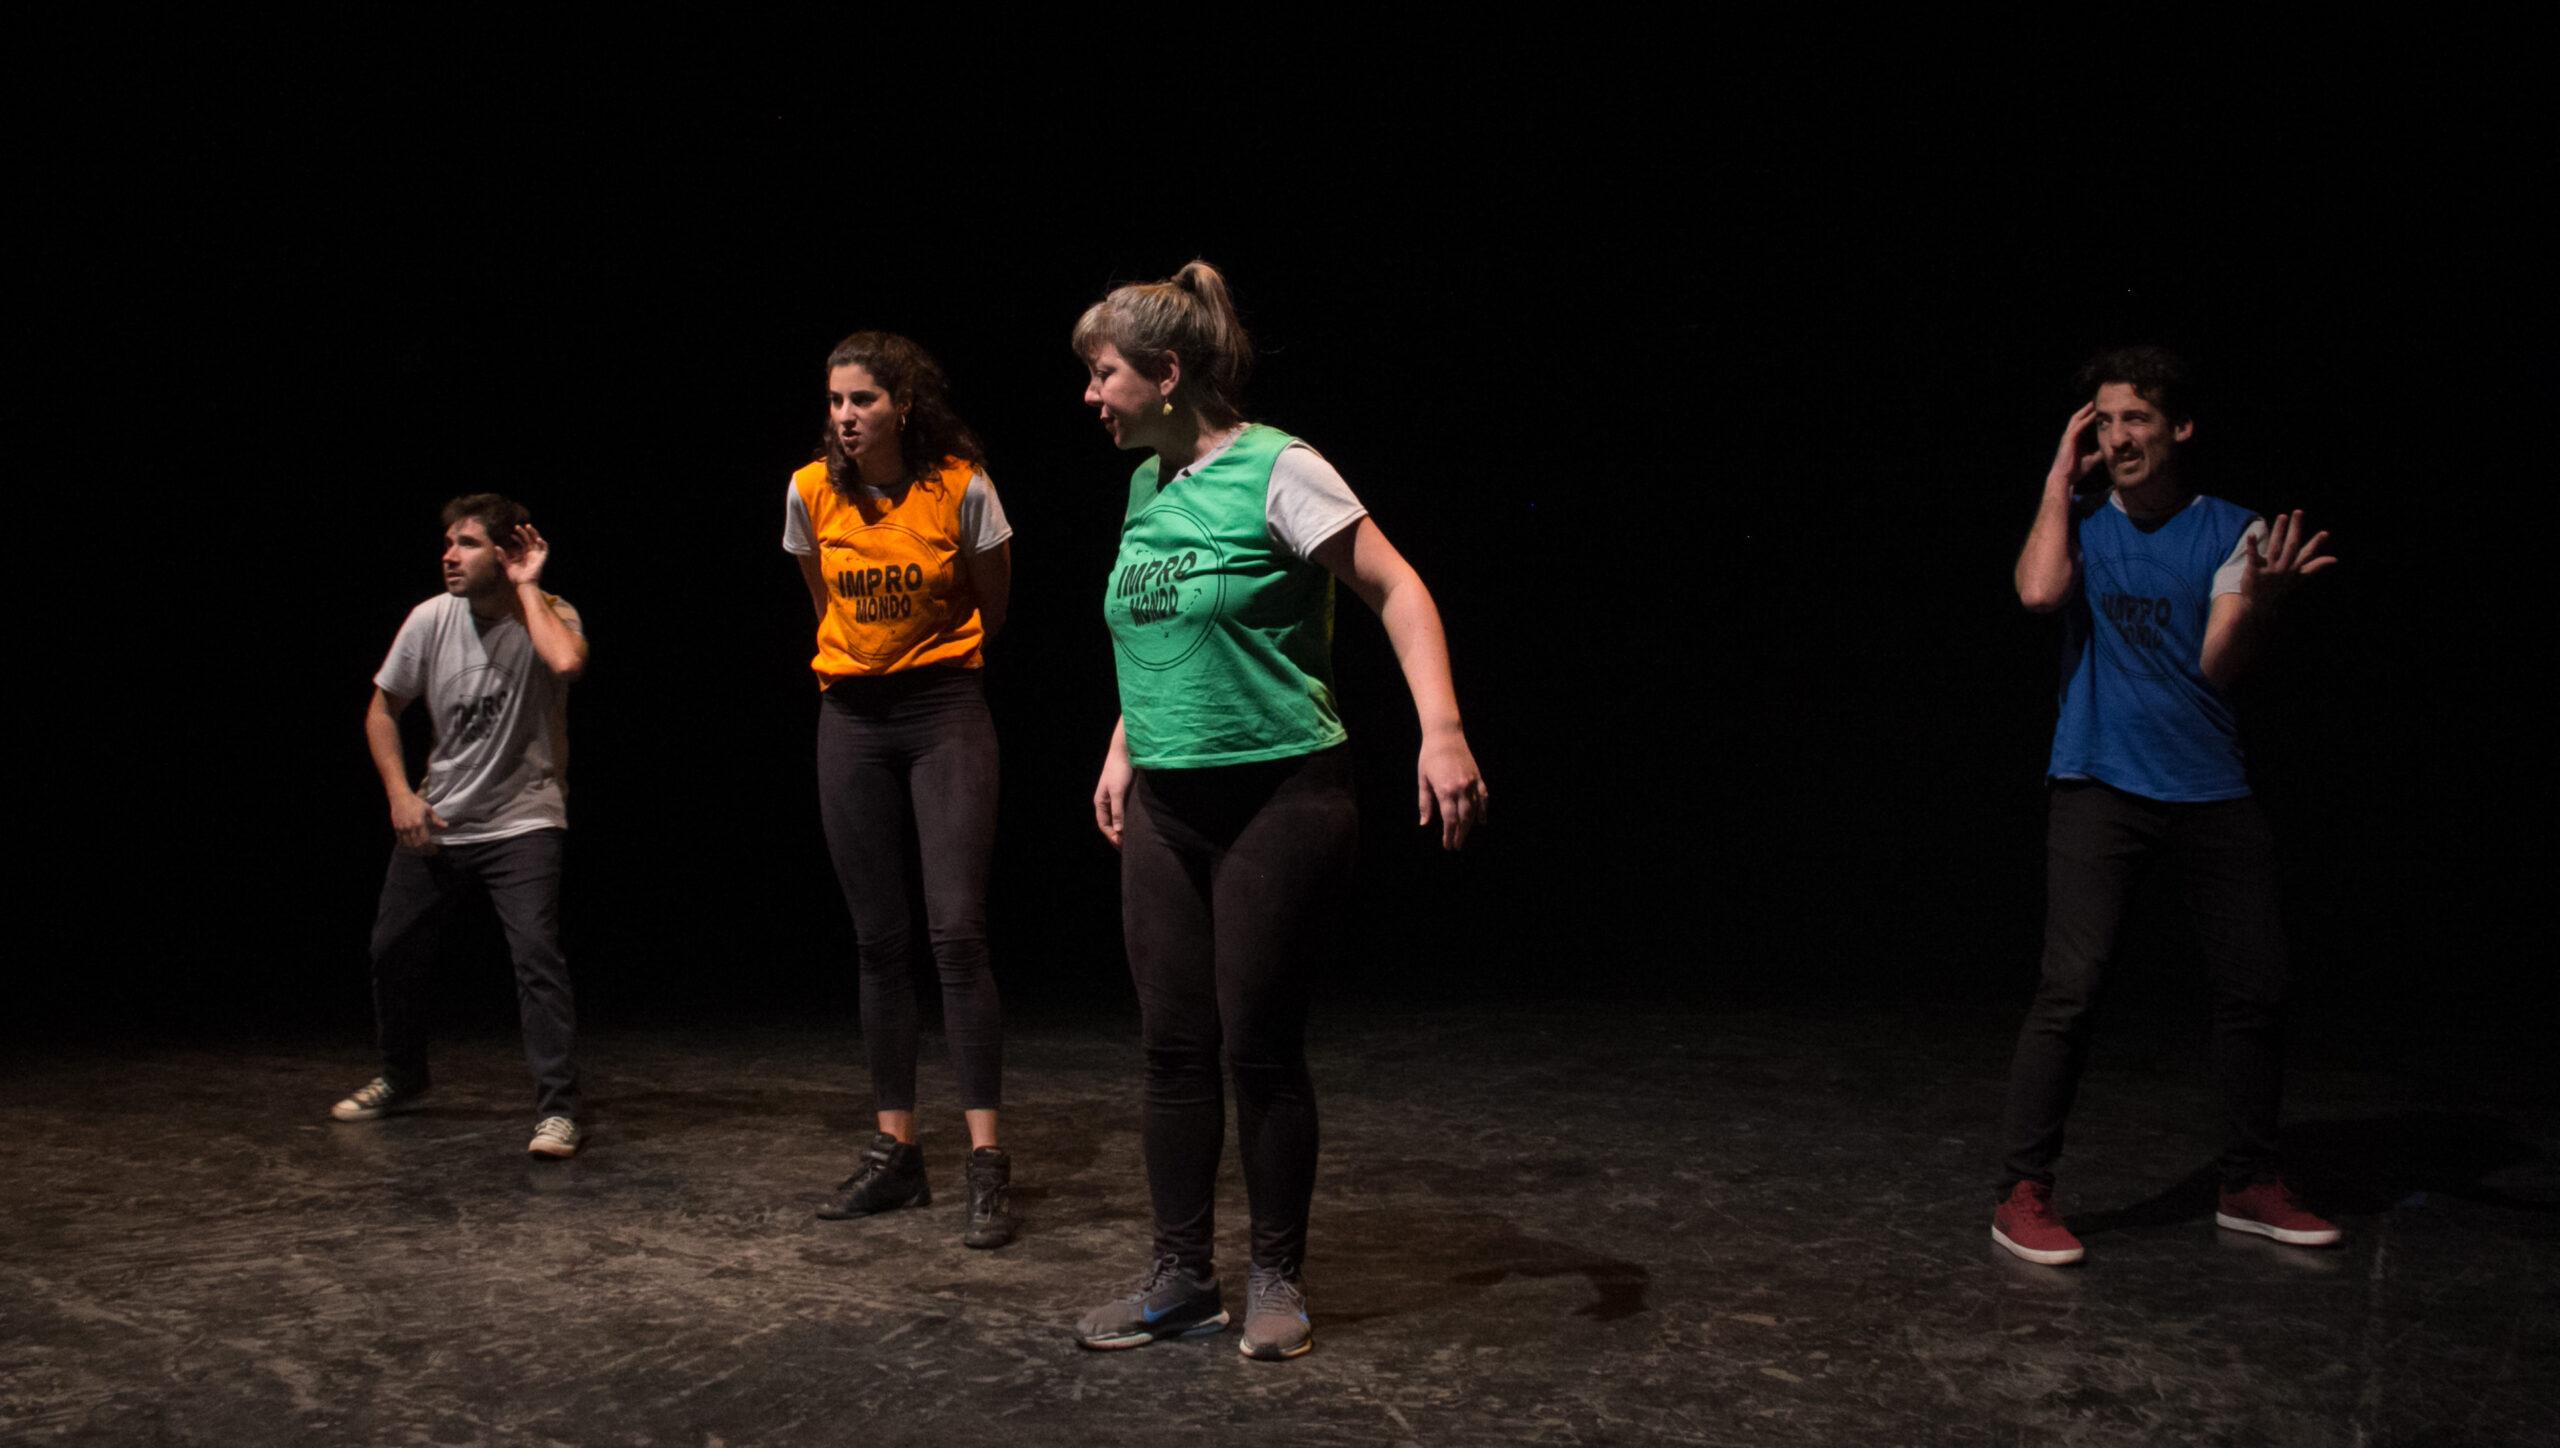 Con gran acompañamiento del público, continúa la 4° edición del Festival de Teatro Independiente